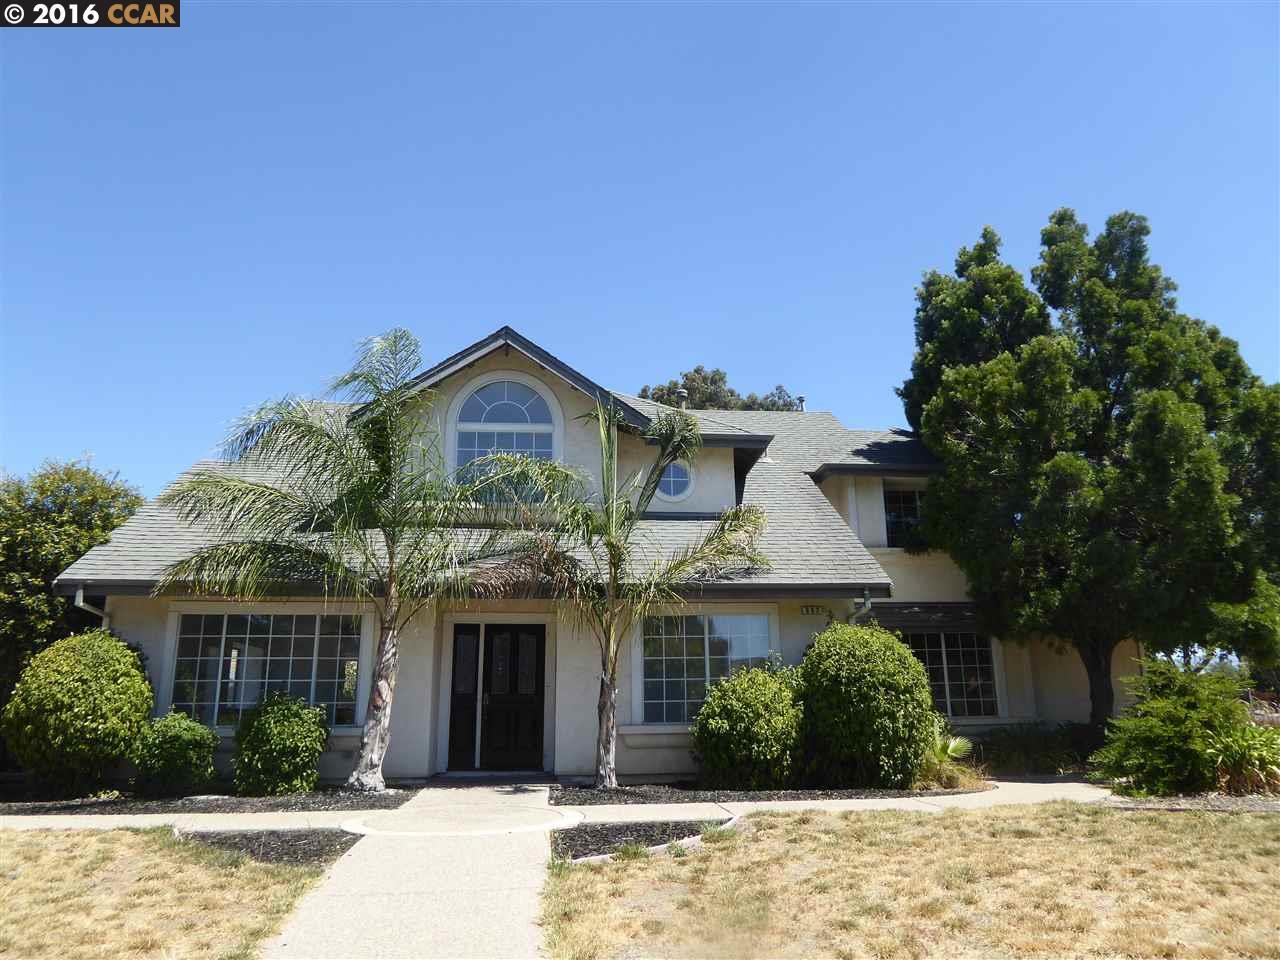 獨棟家庭住宅 為 出售 在 682 ALAMEDA Drive Livermore, 加利福尼亞州 94551 美國